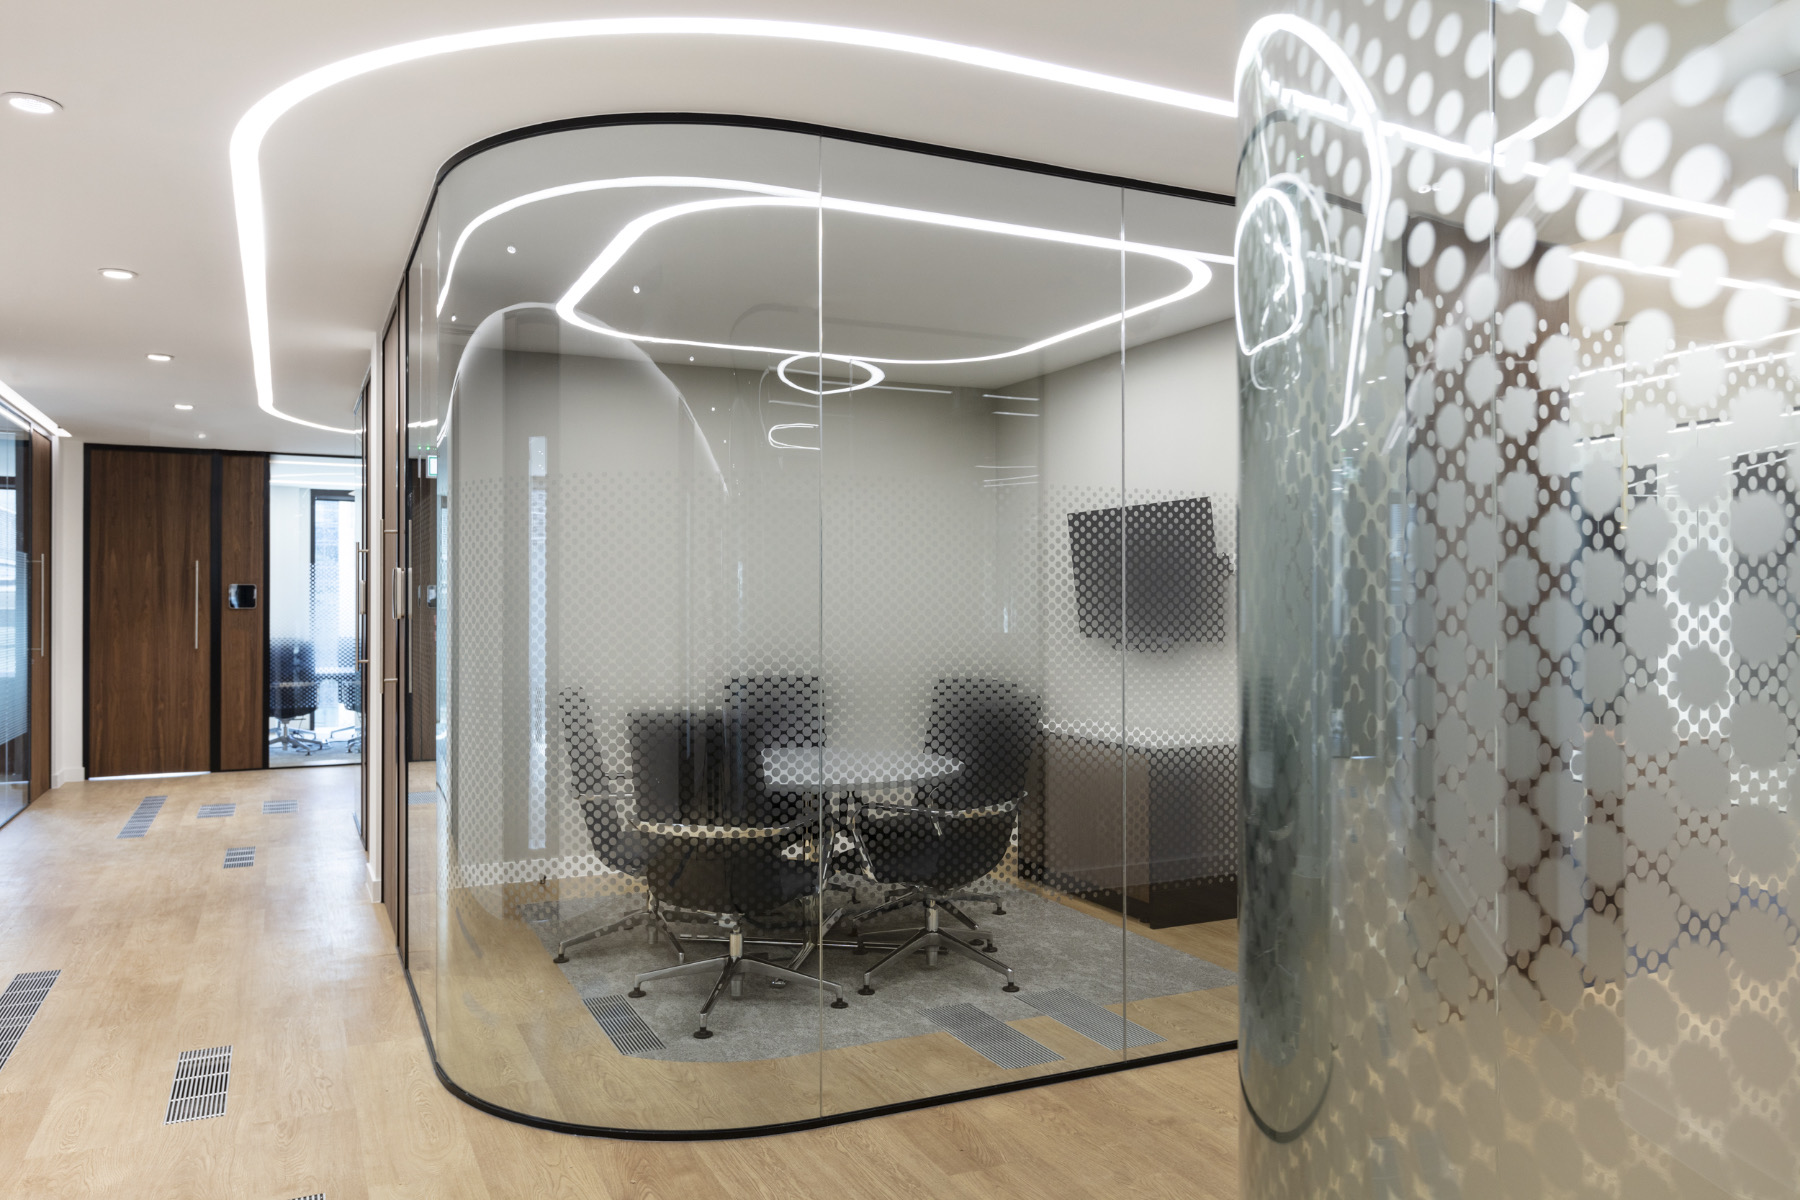 ais-office-london-13